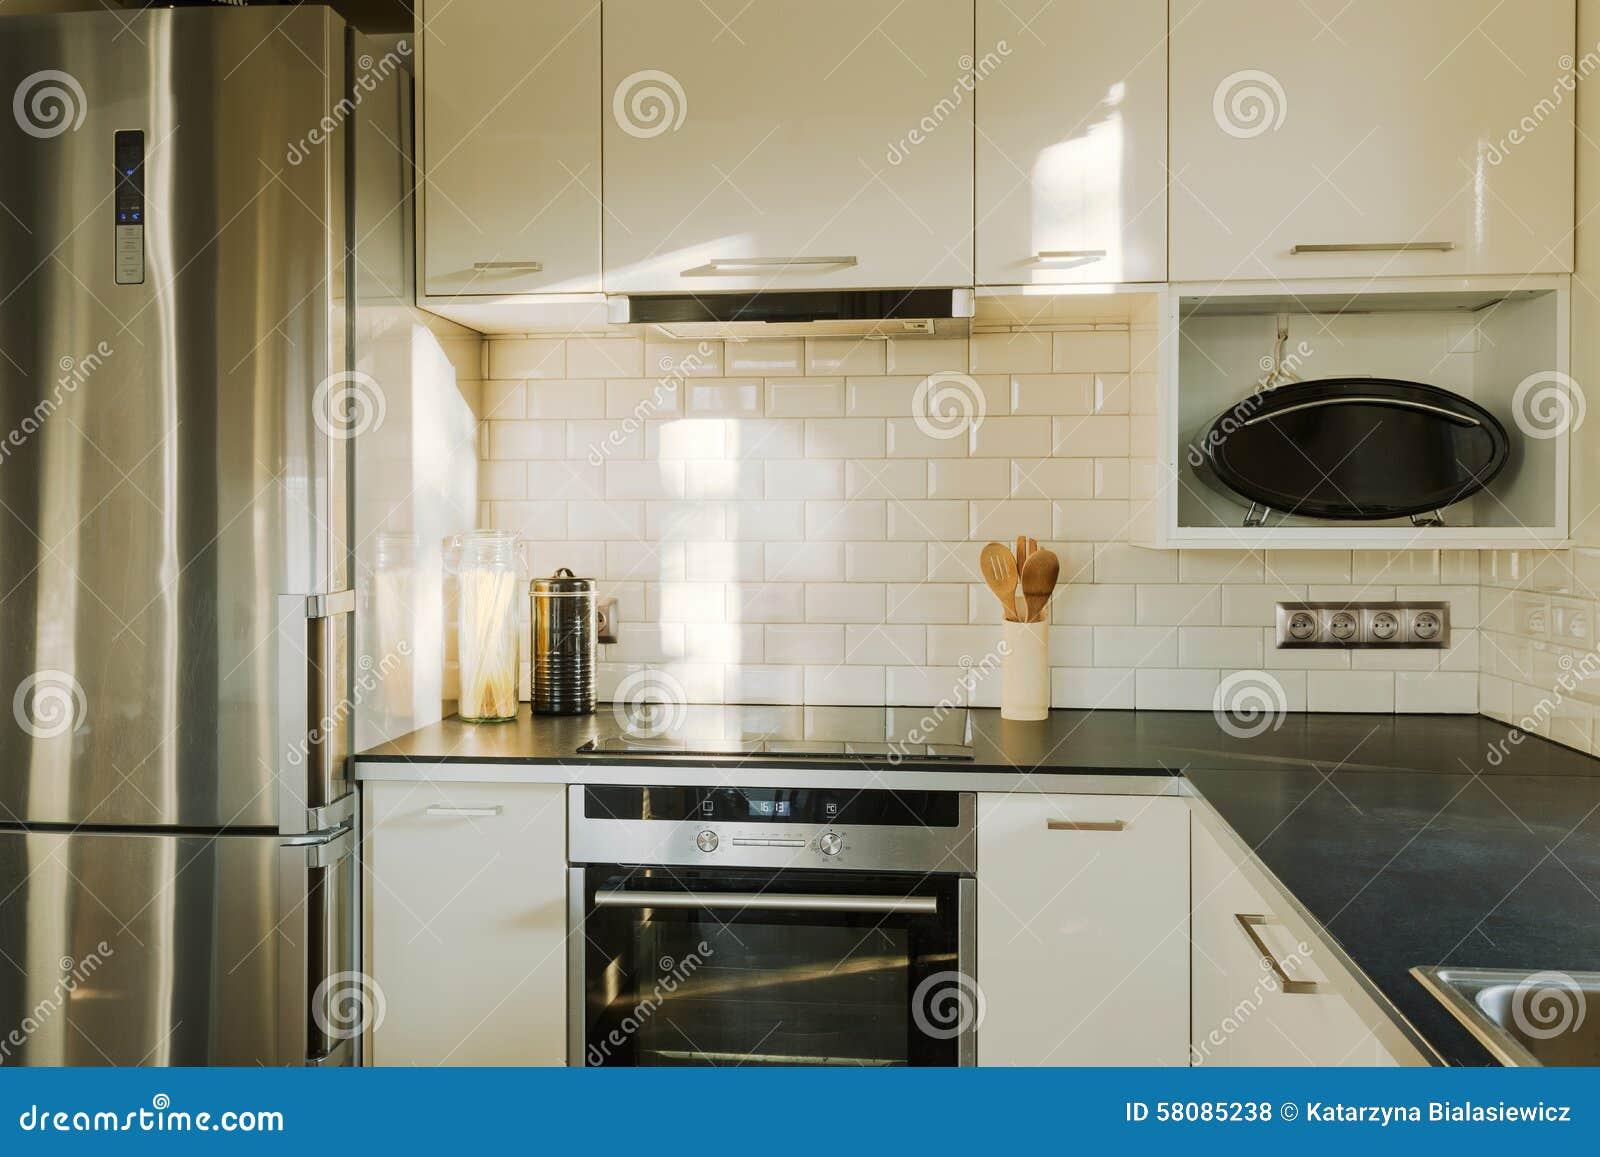 Brique Blanche Dans La Cuisine Contemporaine Photo stock - Image du ...